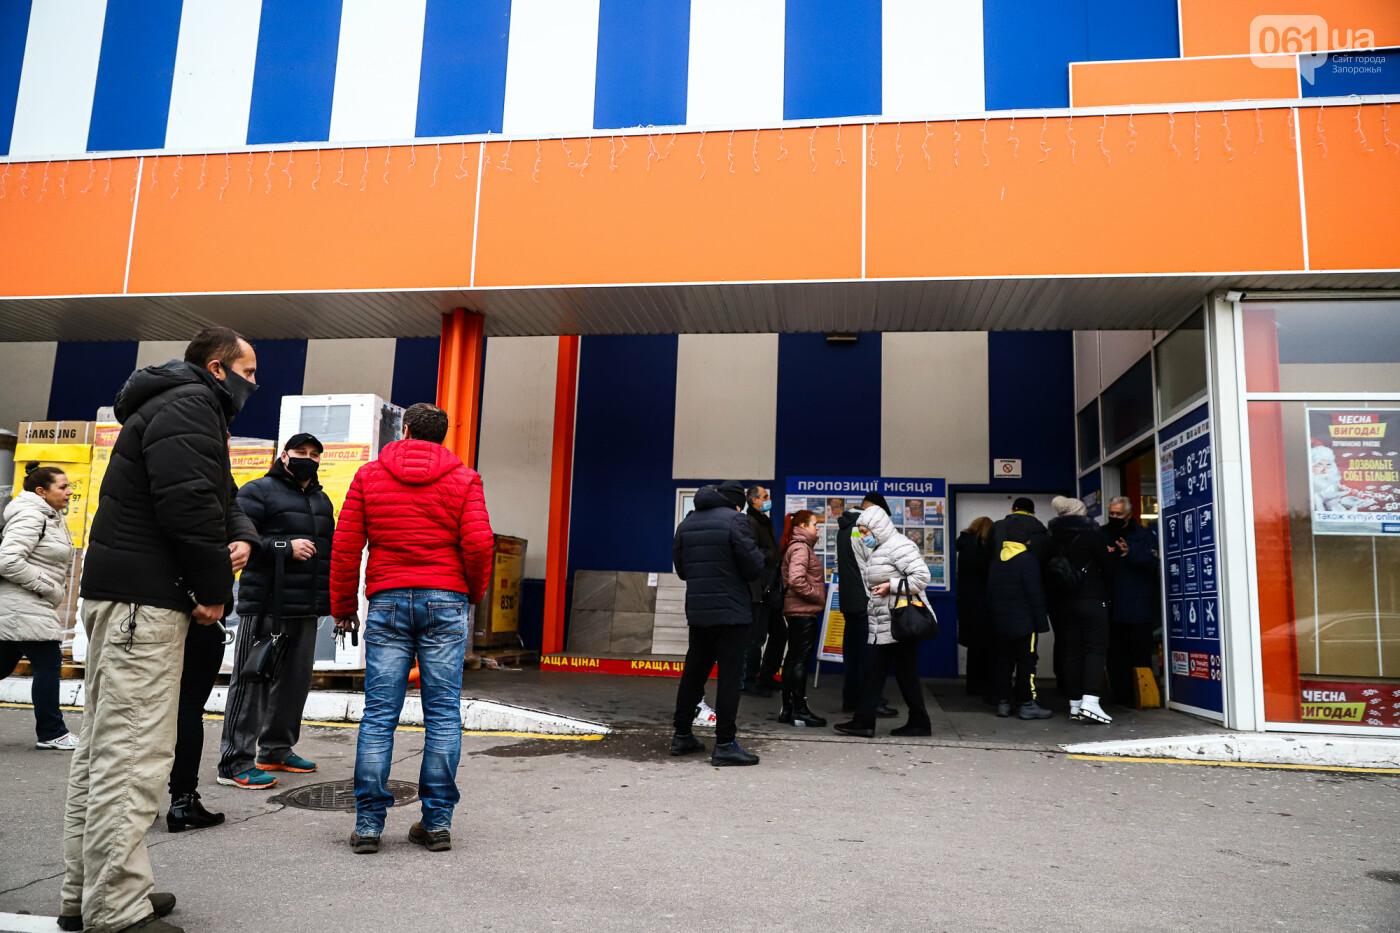 Защитные ленты на товарах, неработающие ТРЦ и полузакрытые рынки – фоторепортаж о первом дне локдауна в Запорожье, фото-35